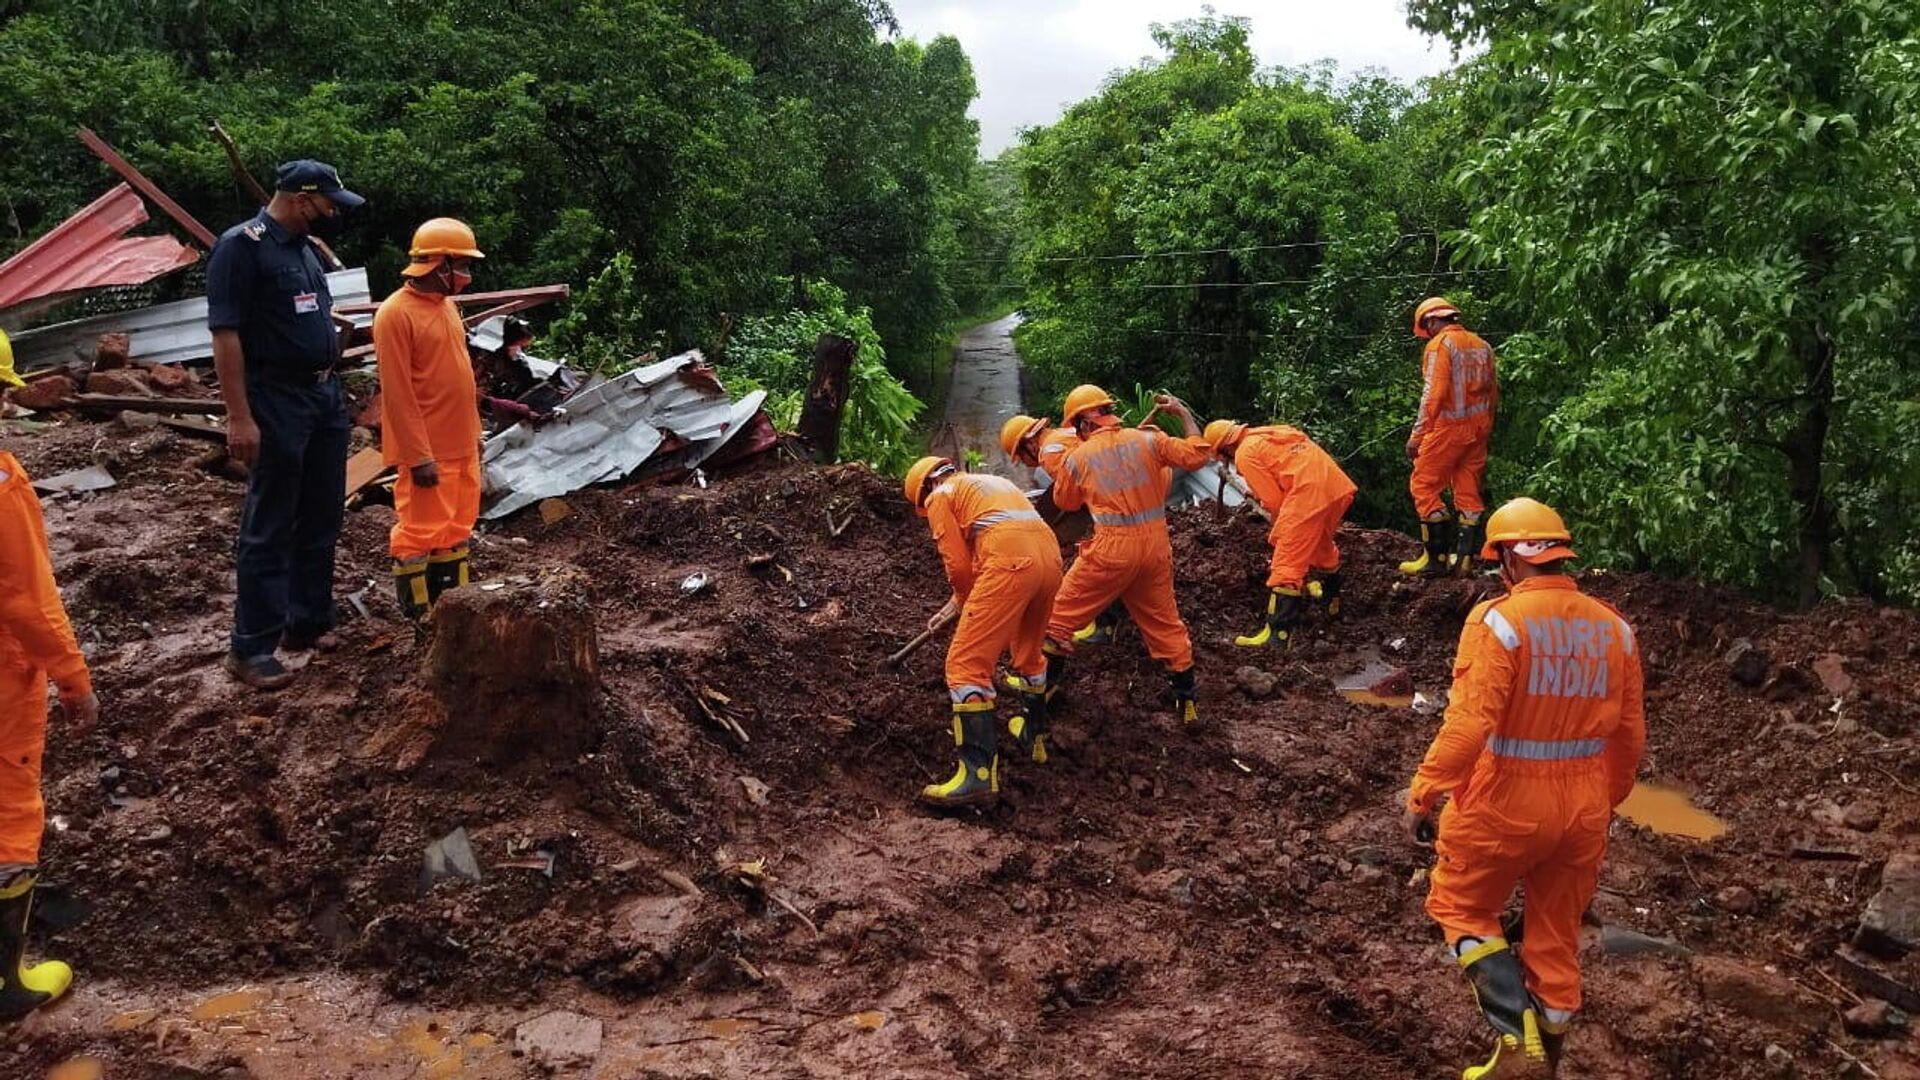 Miembros de la Fuerza Nacional de Respuesta a Desastres (NDRF) realizan una operación de búsqueda y rescate después de un deslizamiento de tierra provocado por fuertes lluvias en el distrito de Ratnagiri, estado de Maharashtra, India, el 25 de julio de 2021.  - Sputnik Mundo, 1920, 26.07.2021